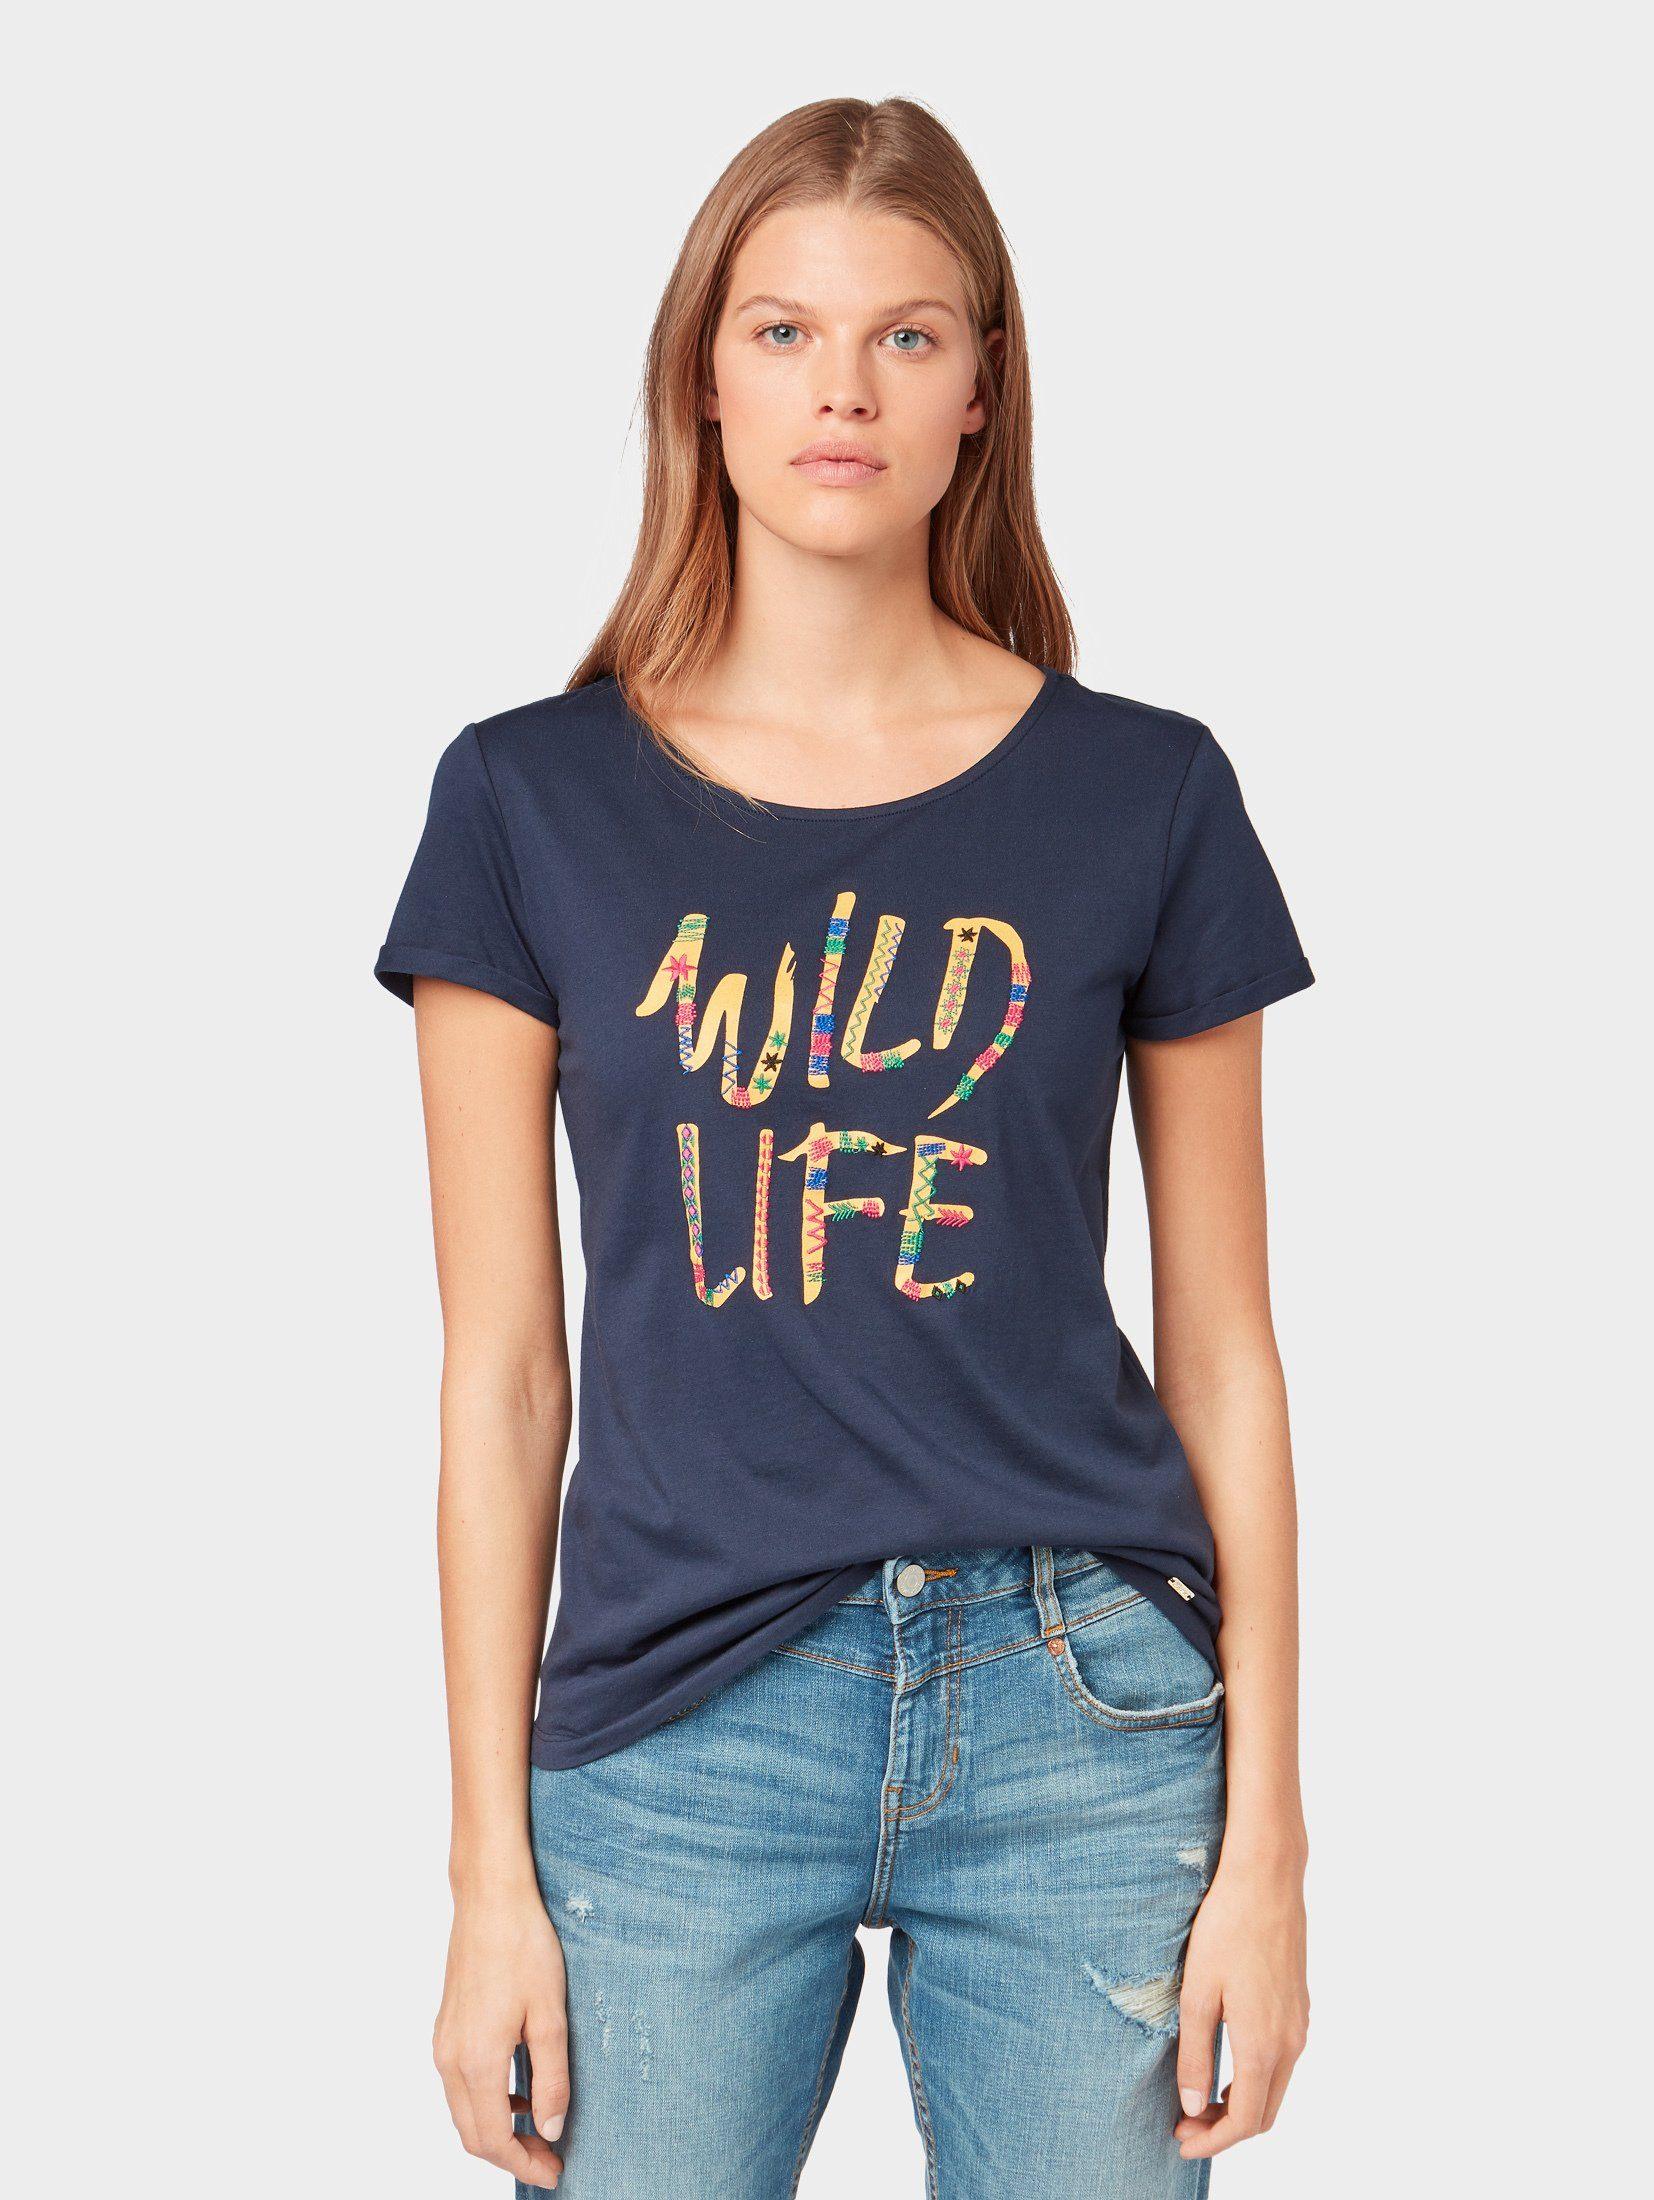 TOM TAILOR Denim T Shirt »T Shirt mit Schrift Print« online kaufen | OTTO